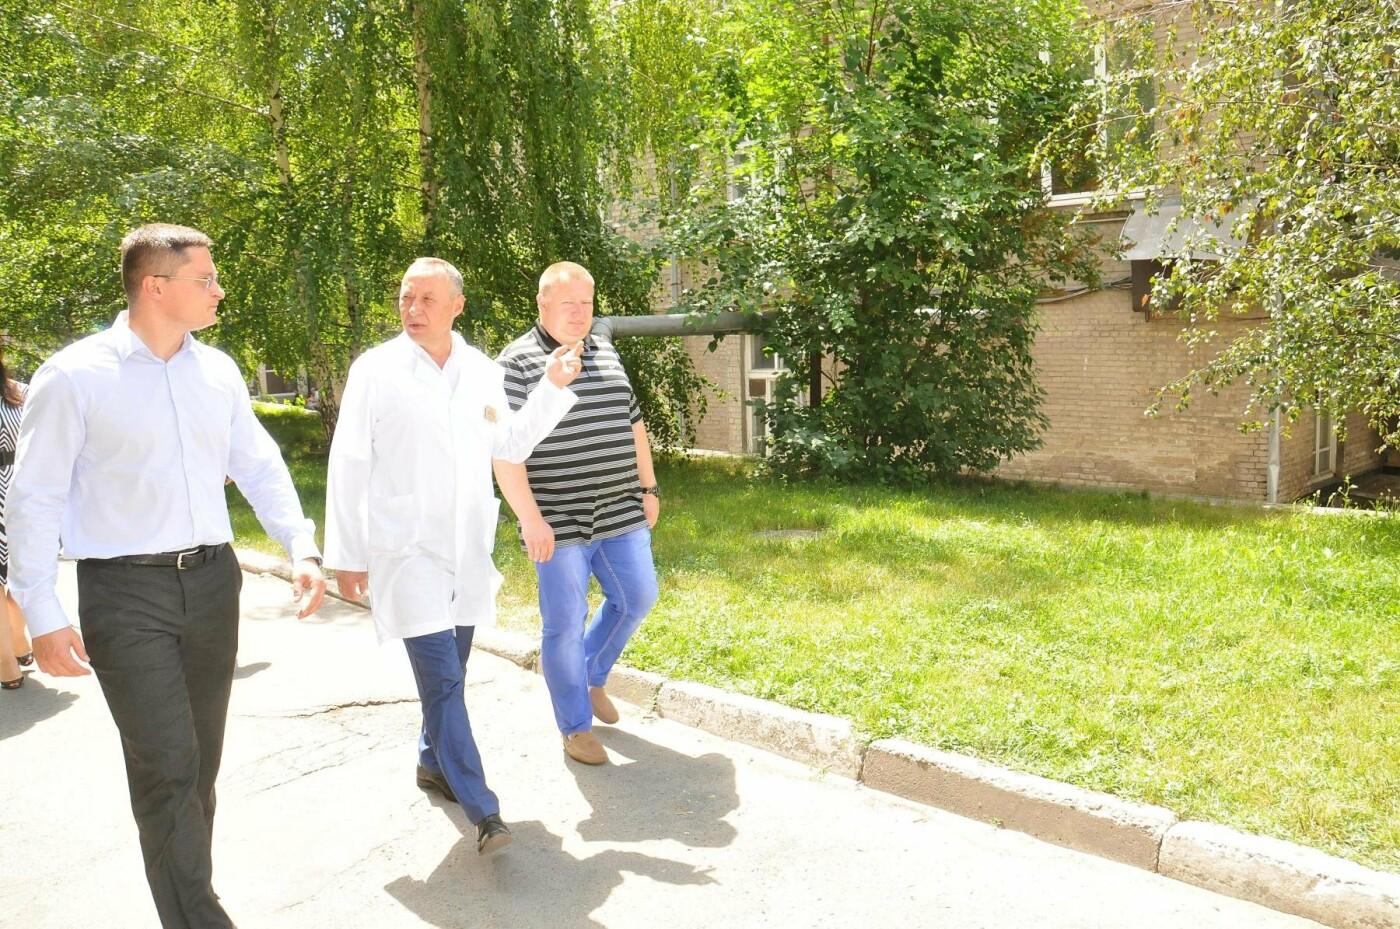 Владислав Марченко: Через месяц в областной детской больнице начнется демонтаж и строительство нового хирургического блока, фото-14